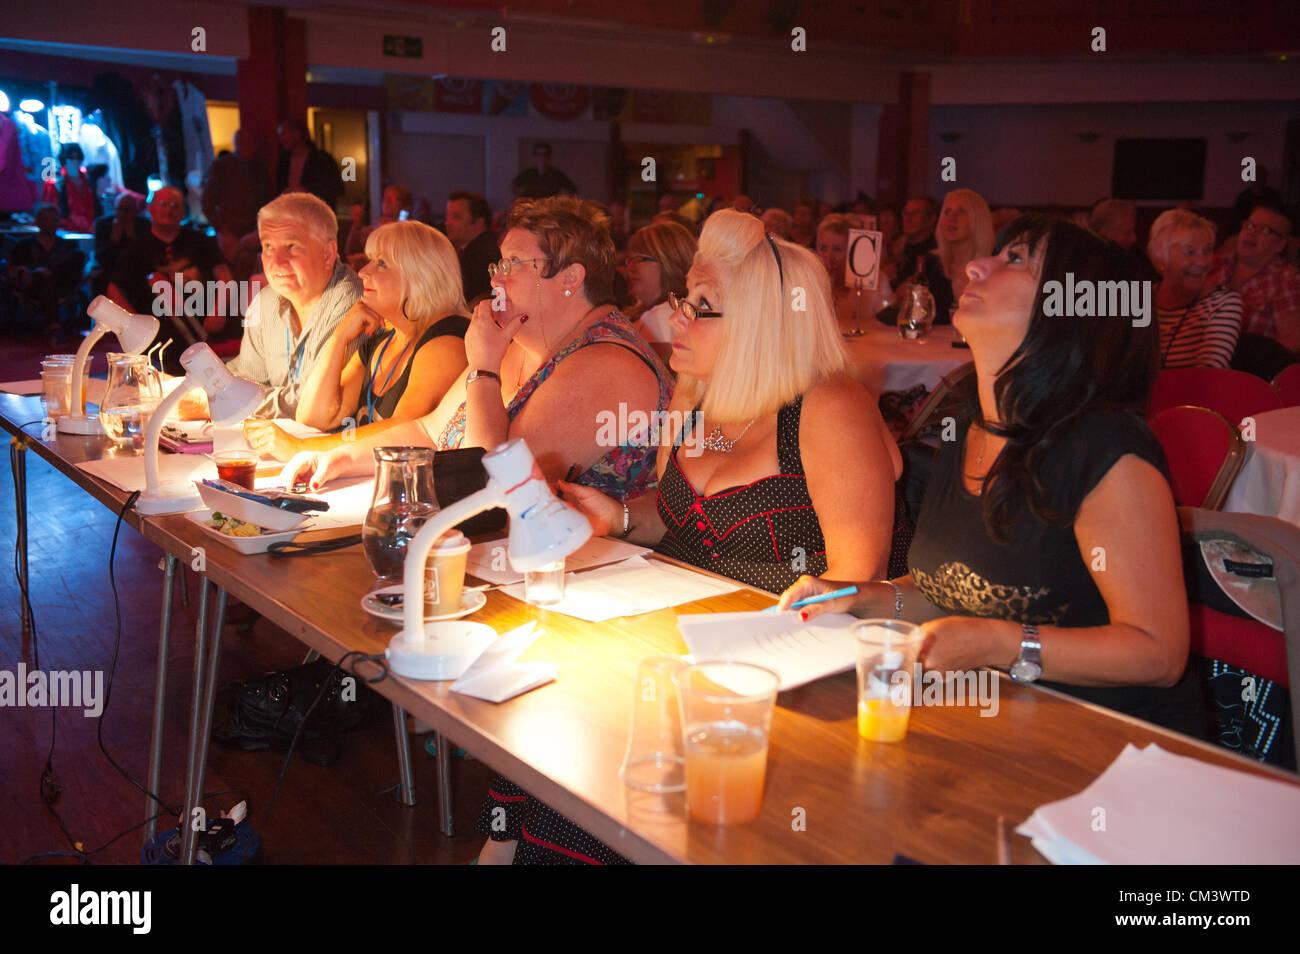 28 septembre 2012. Porthcawl, UK. Regardez les juges les chaleurs de début le meilleur concours Elvis au Grand Photo Stock